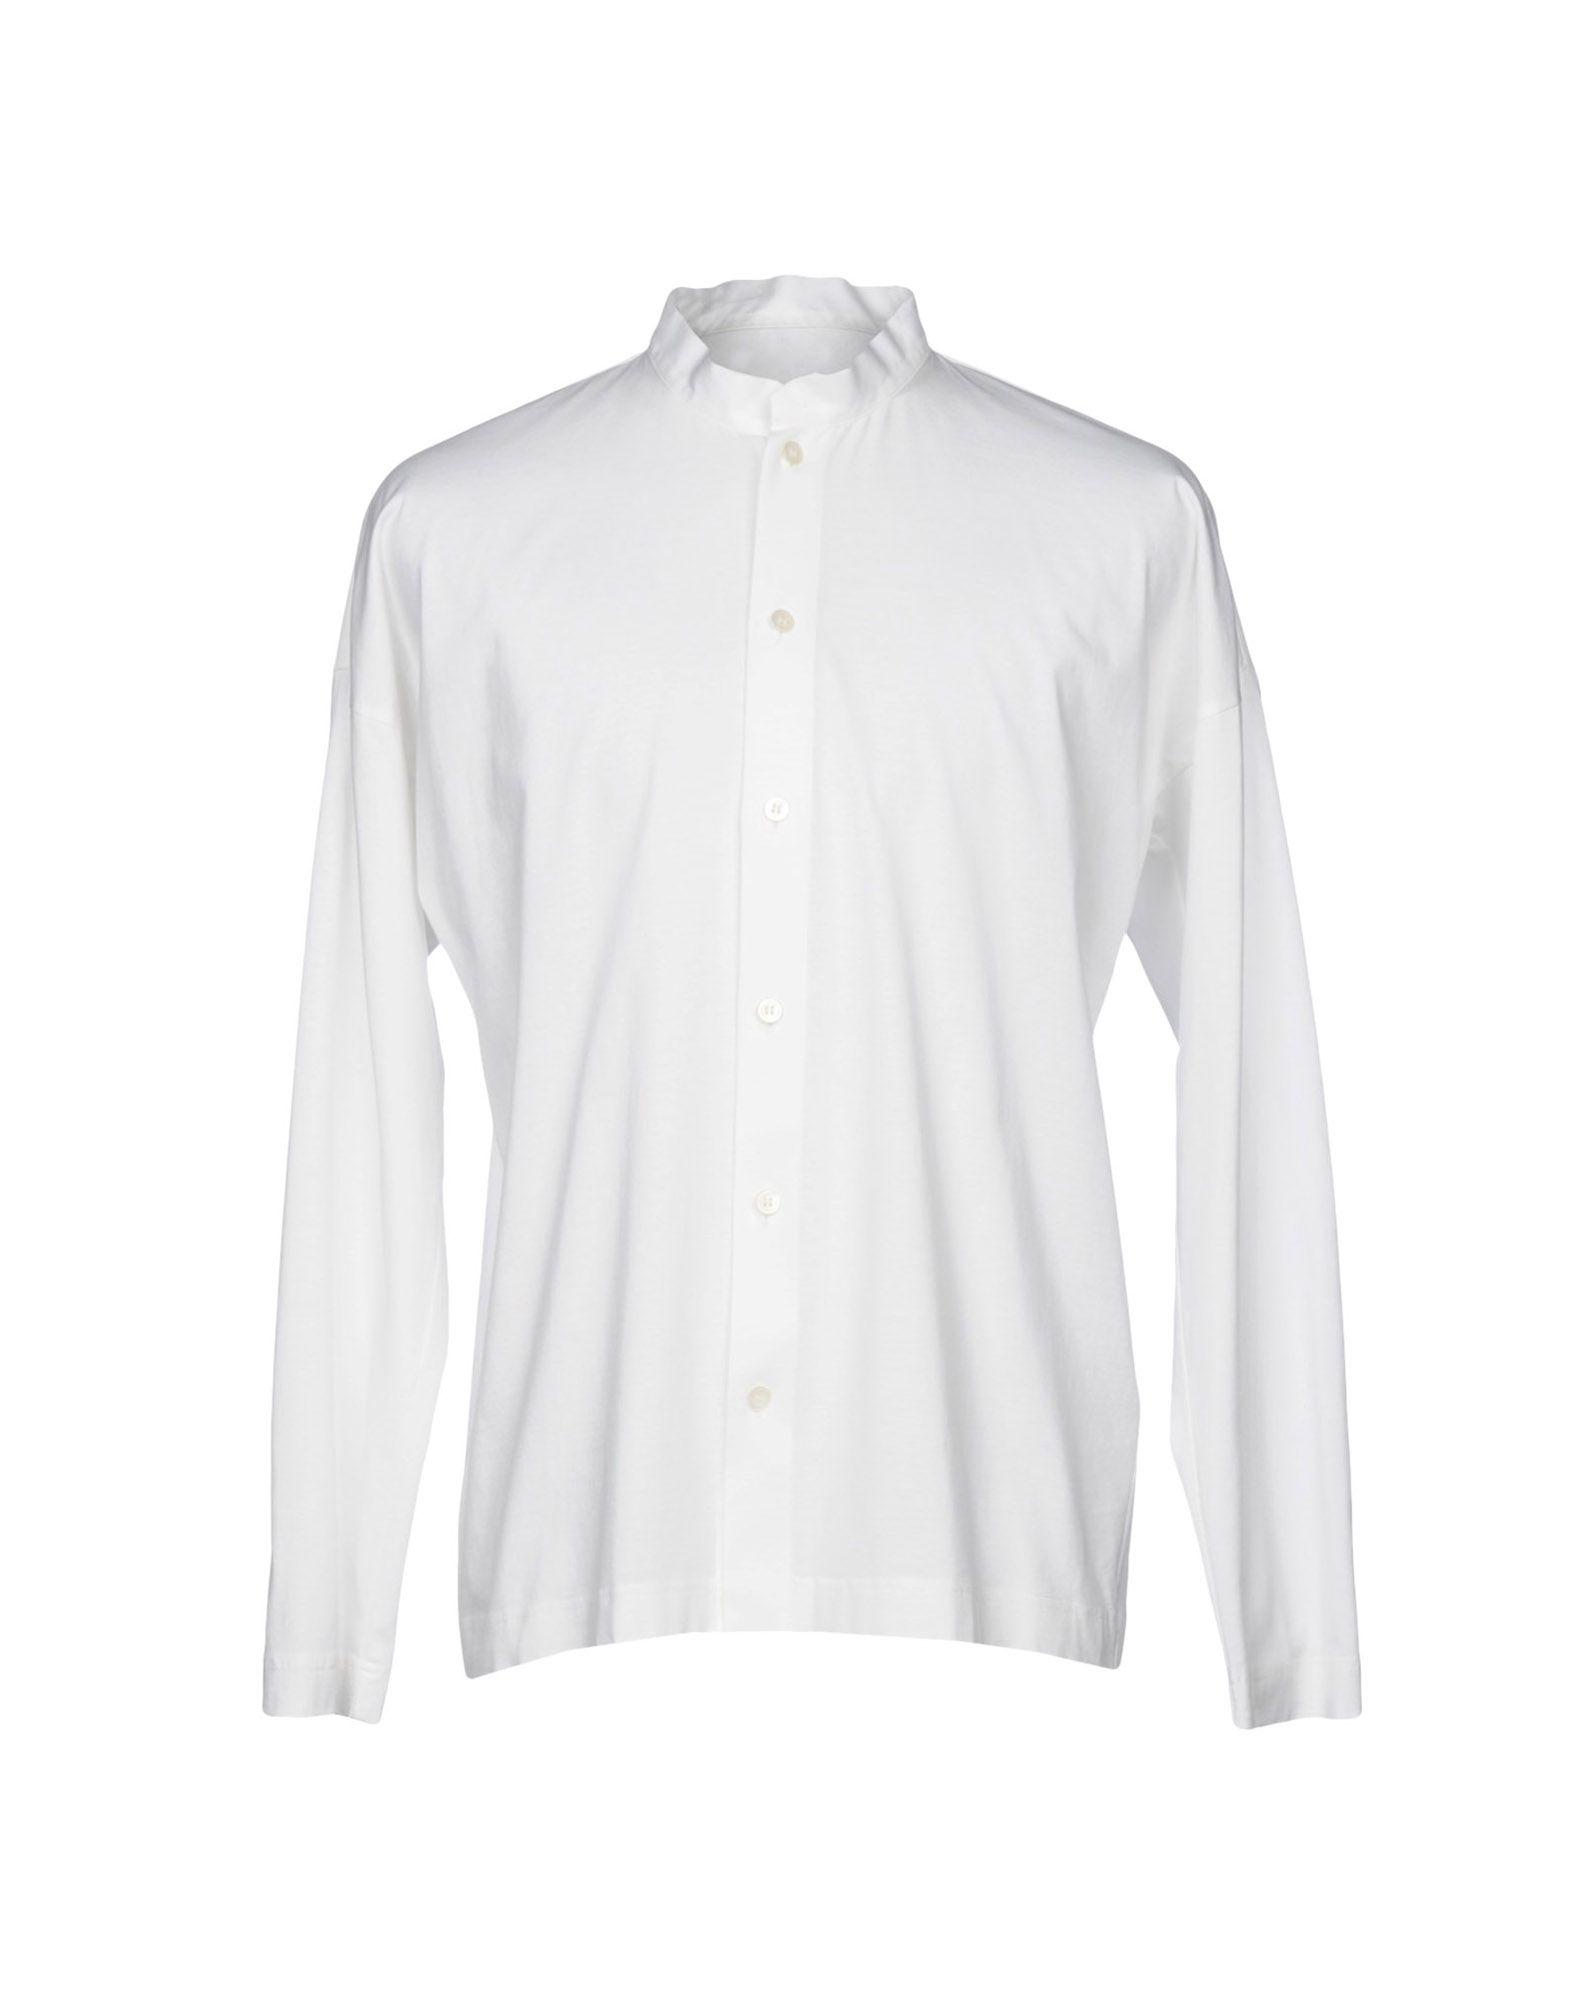 Camicia Tinta Unita Homme Plissé By Issey Miyake Uomo - Acquista online su